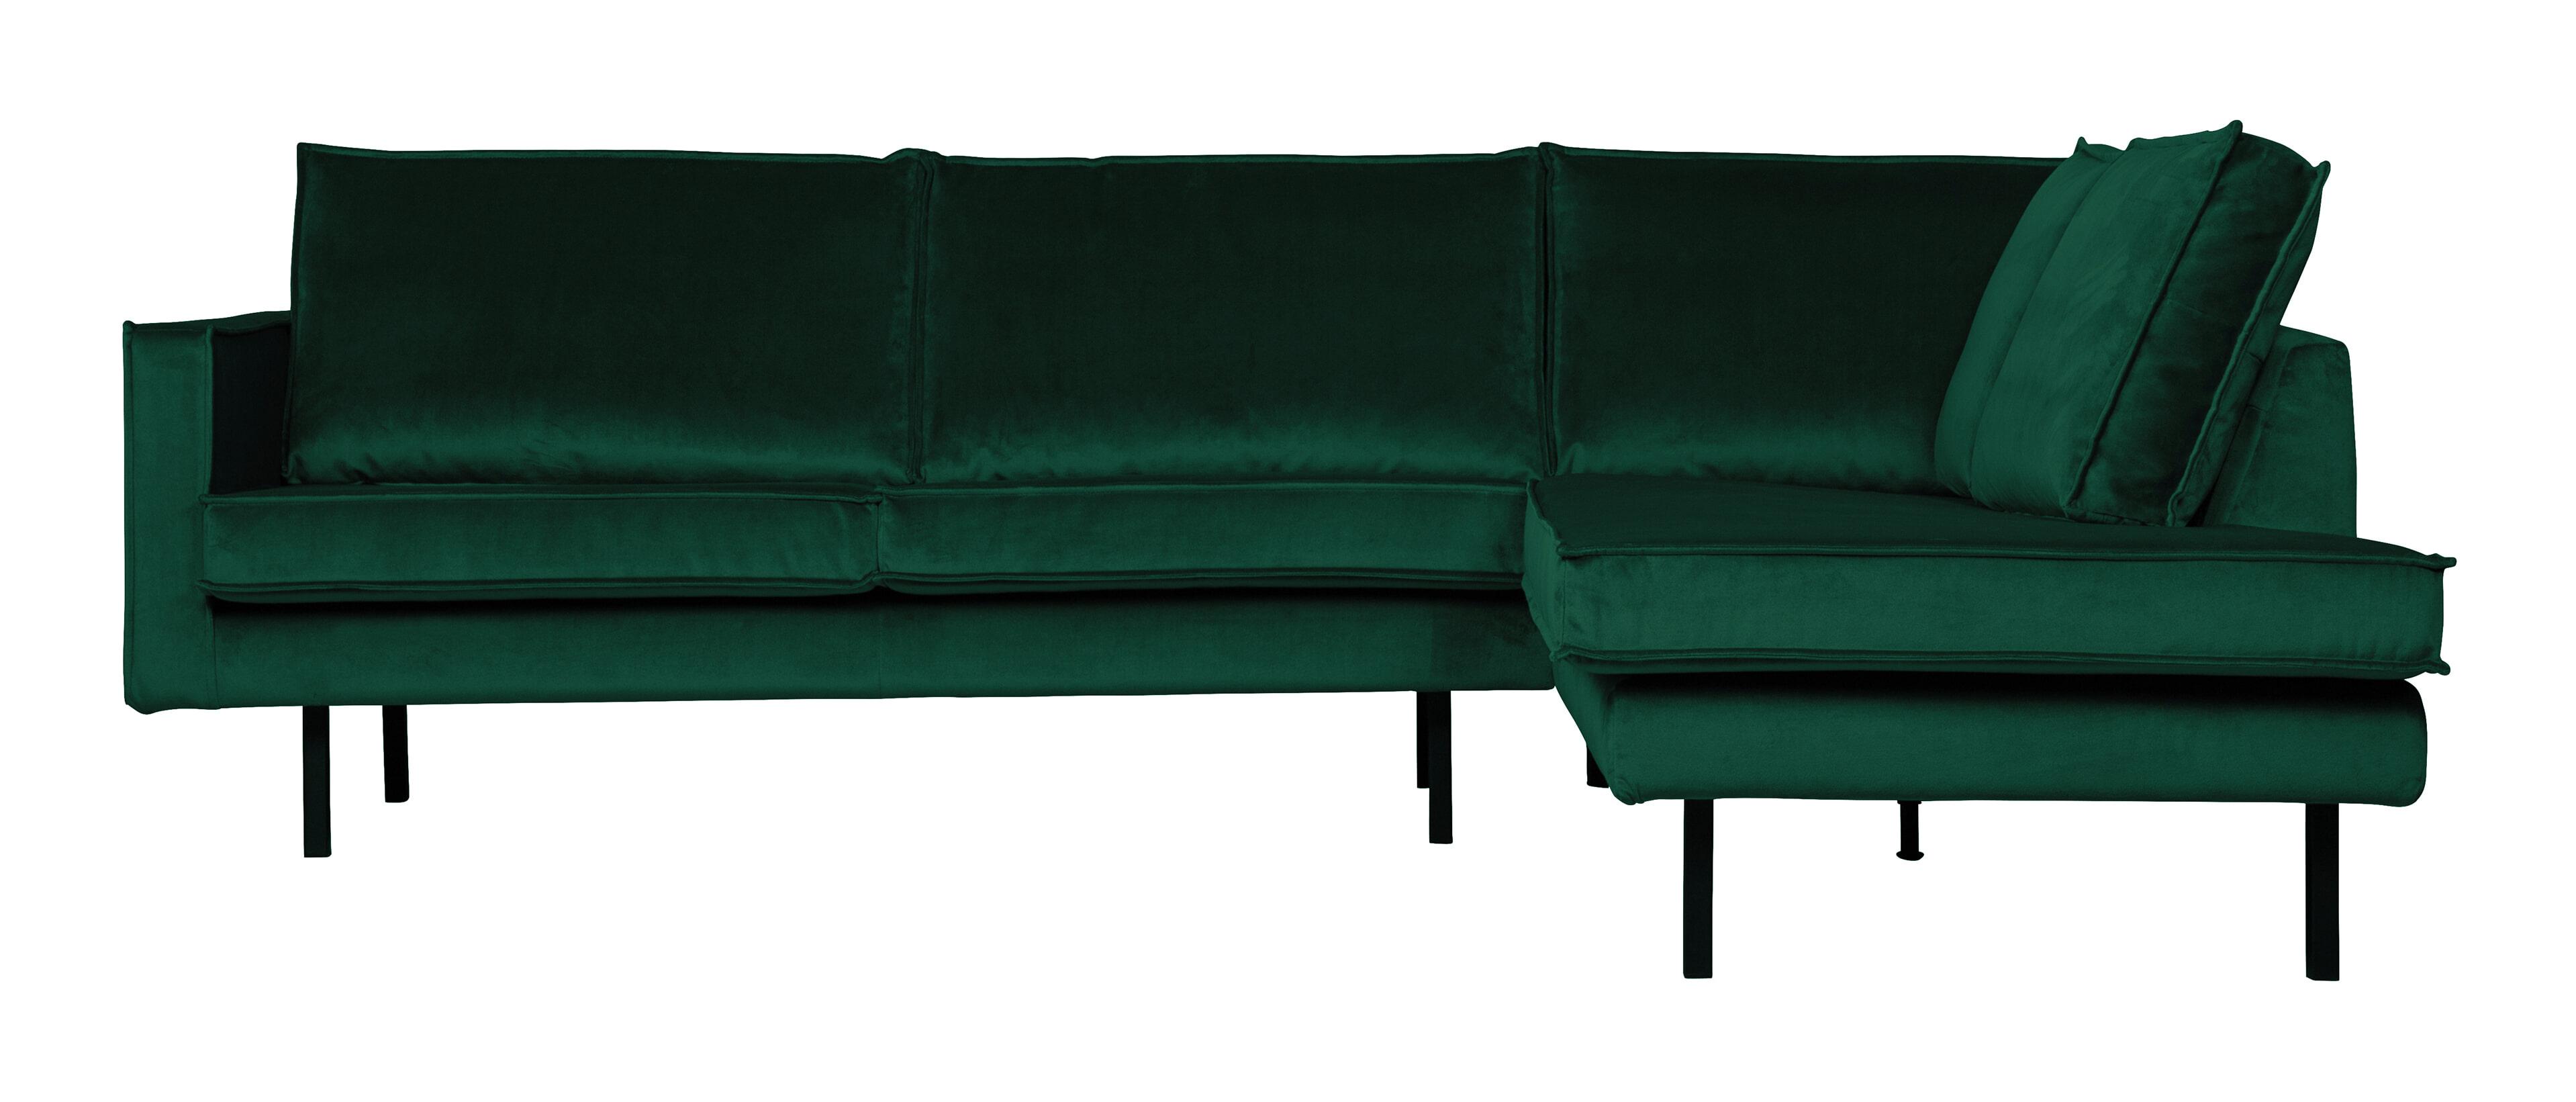 BePureHome Hoekbank 'Rodeo' Rechts, Velvet, kleur Green Forest